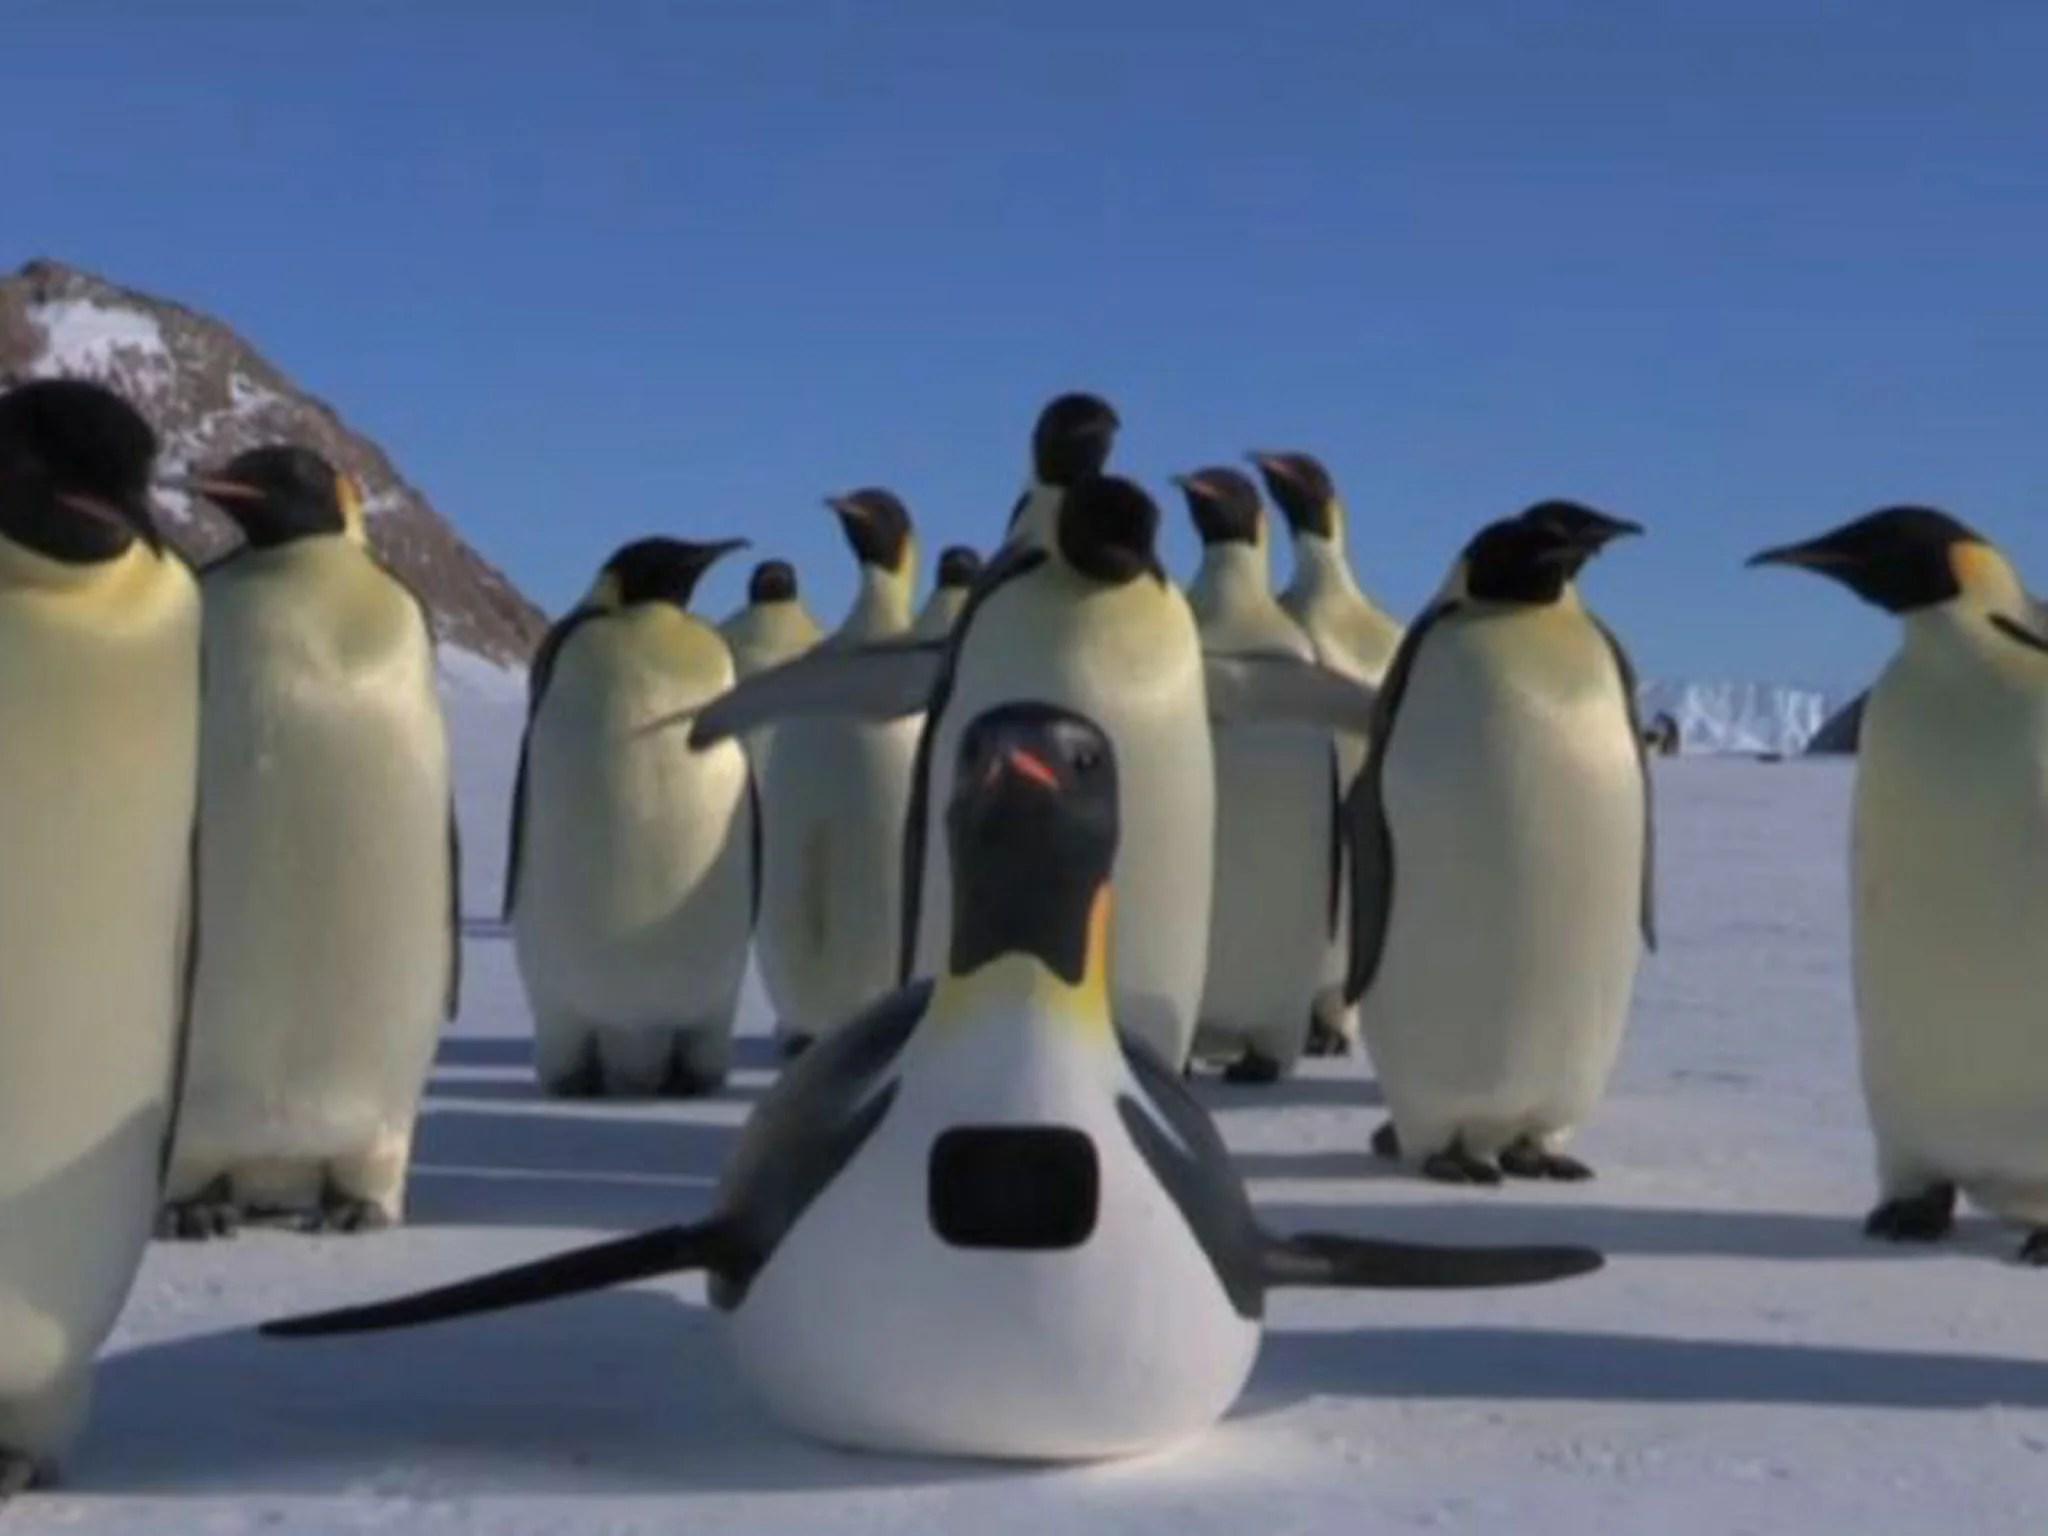 First Penguincam Now Squidcam